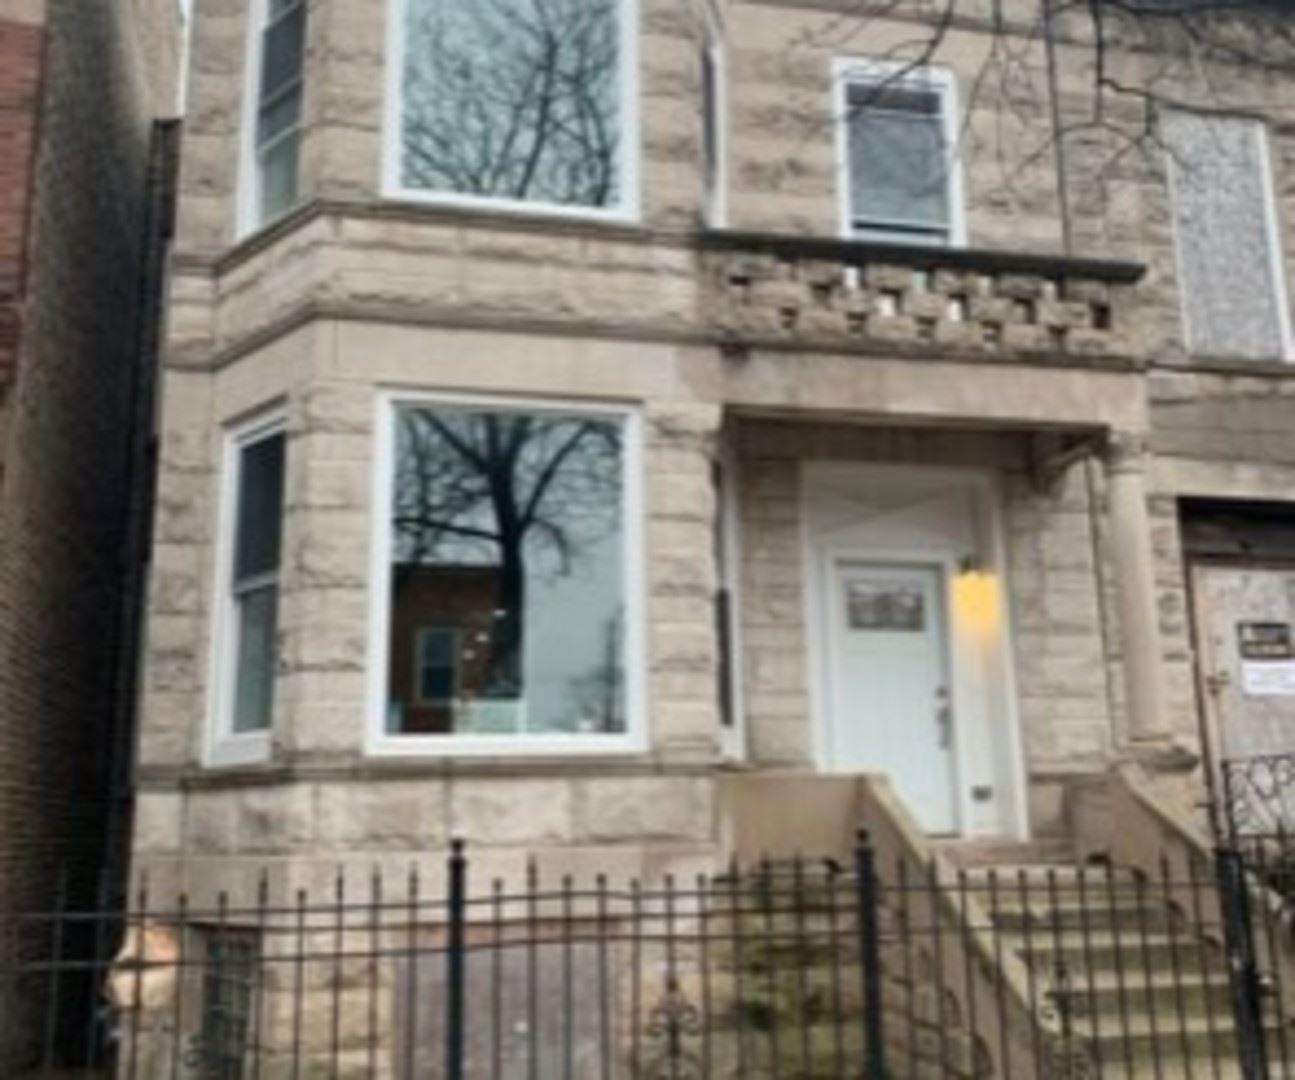 4209 W Wilcox Street, Chicago, IL 60624 - #: 11244743